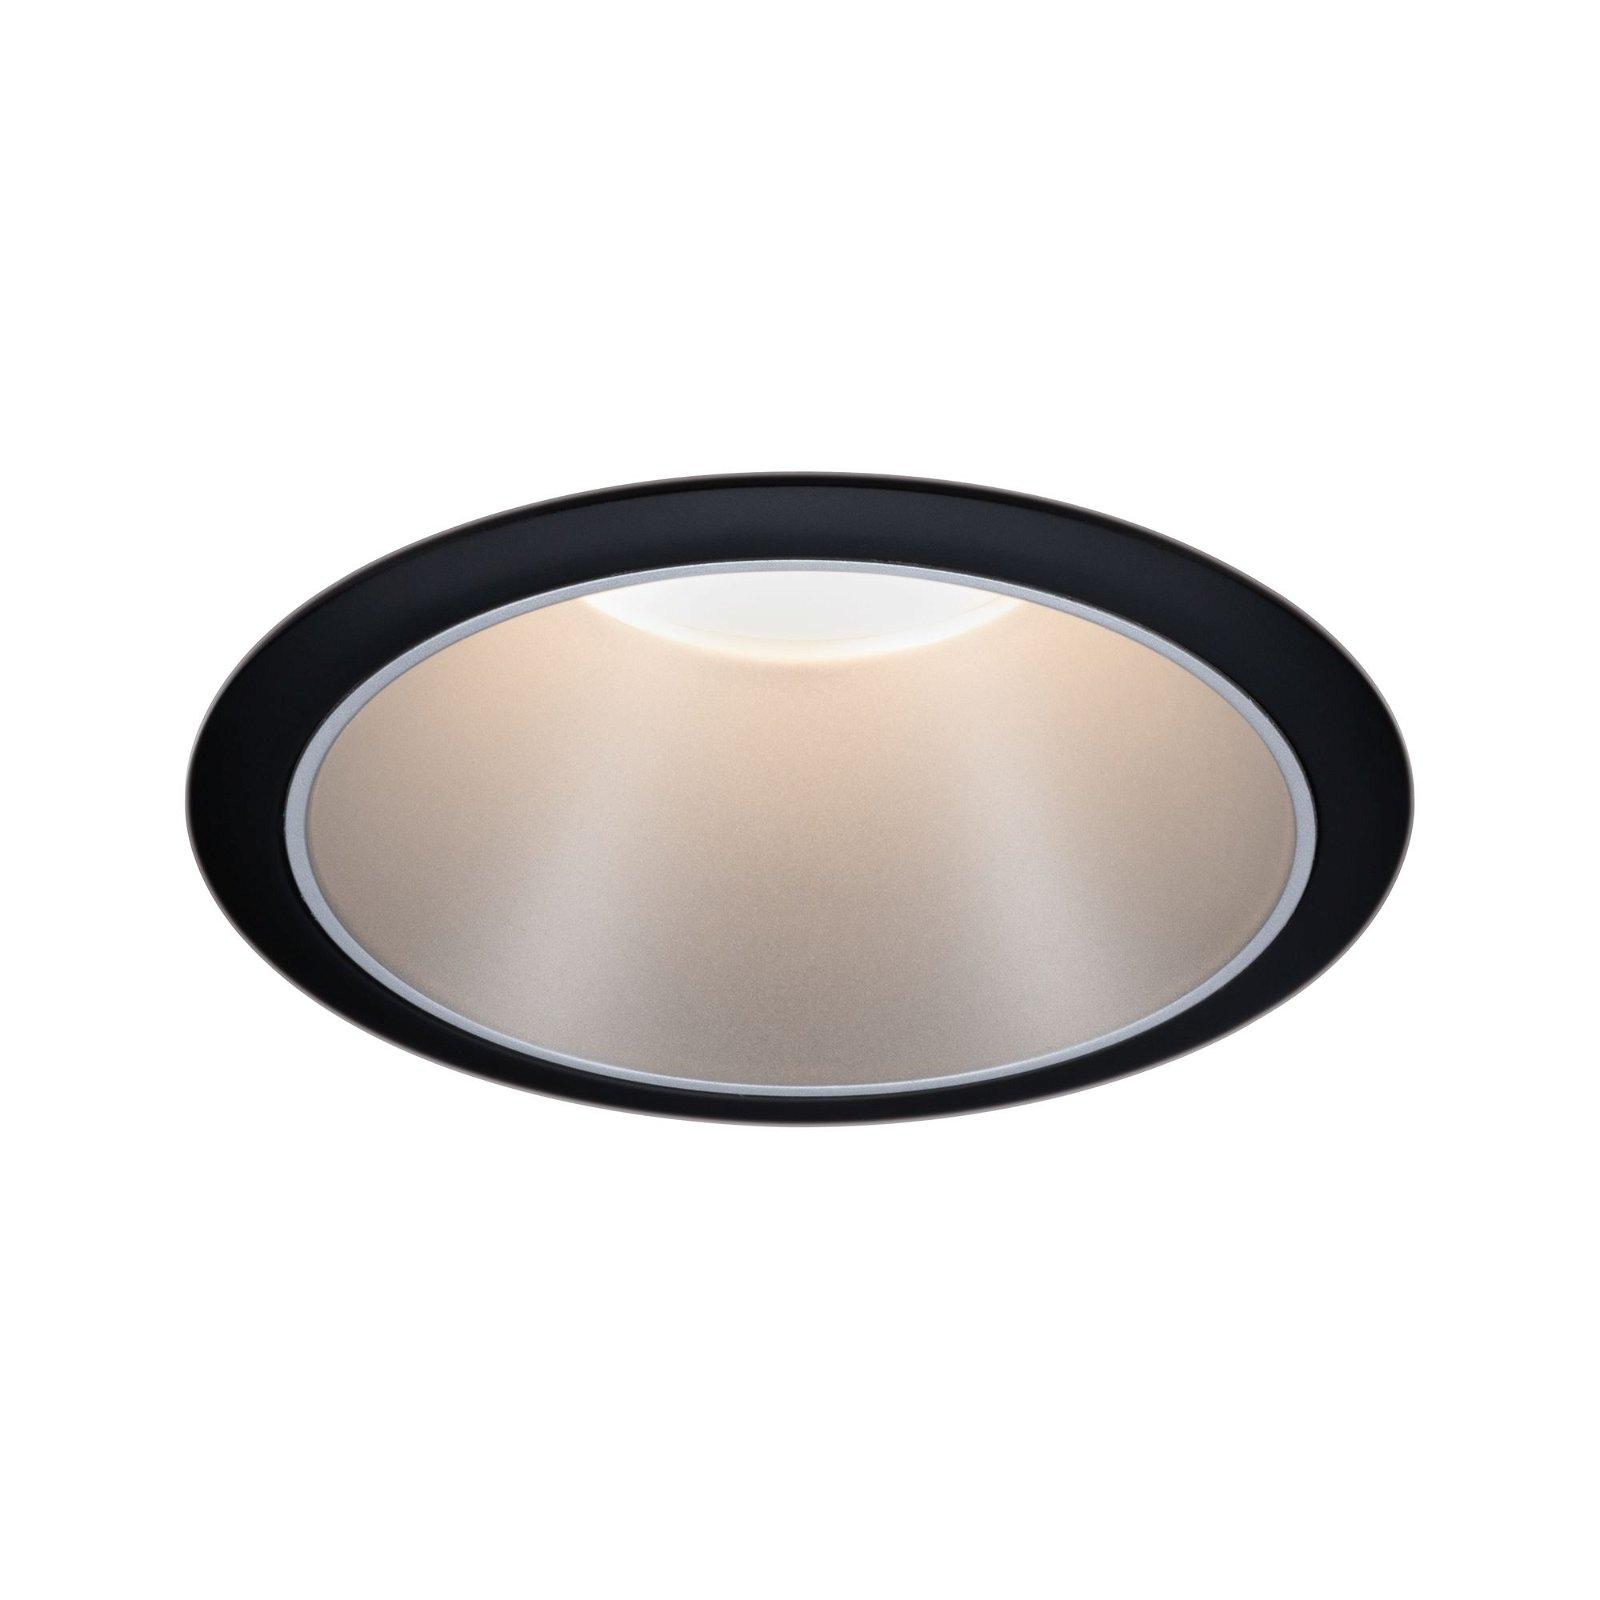 LED Einbauleuchte Cole rund 88mm GU10 max. 10W 230V Schwarz matt/Silber